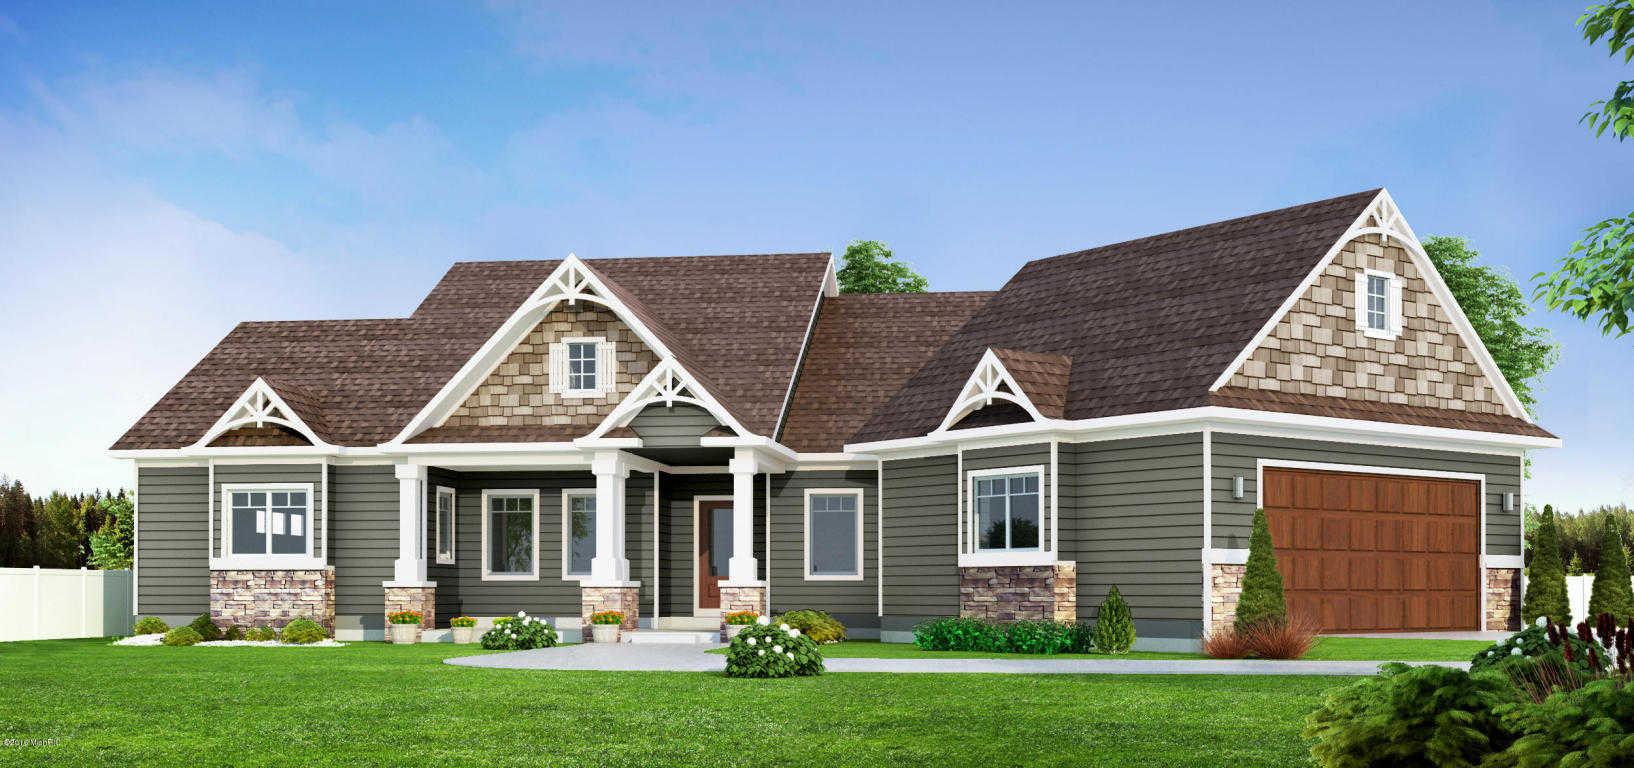 Mls 16035491 11 alden ridge lowell mi 49331 ksc for Alden homes